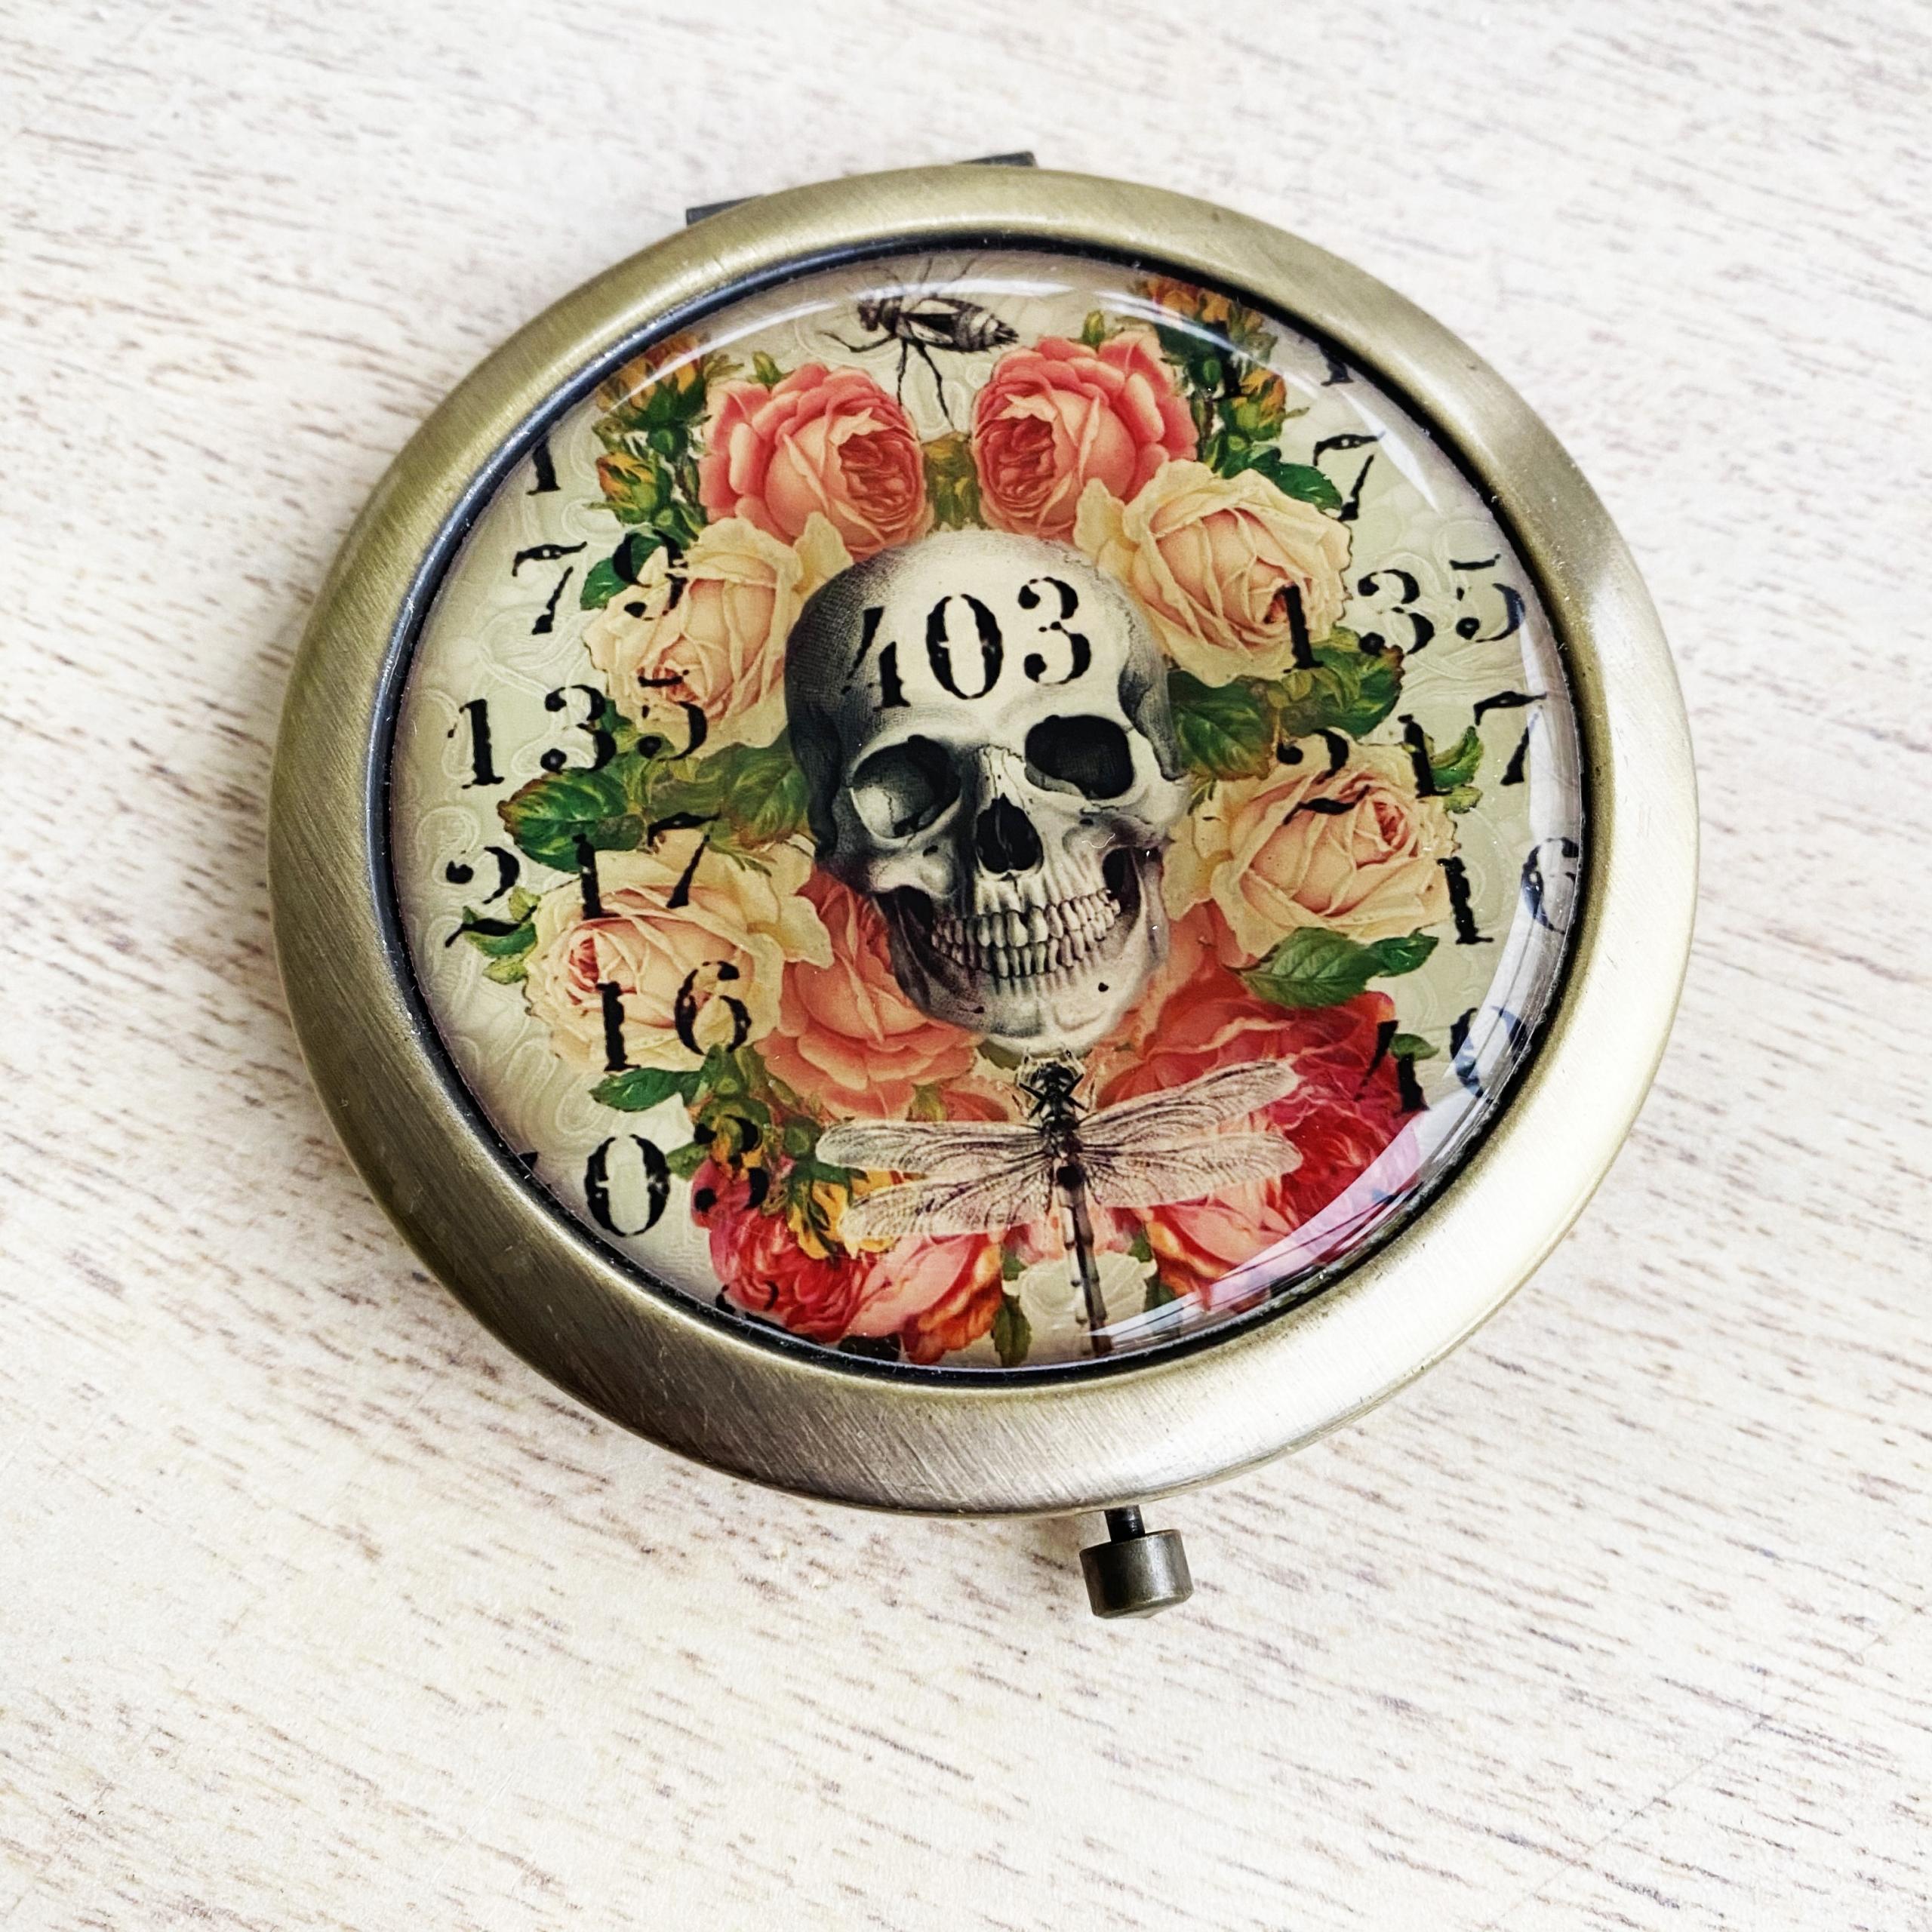 Skull and roses handbag mirror